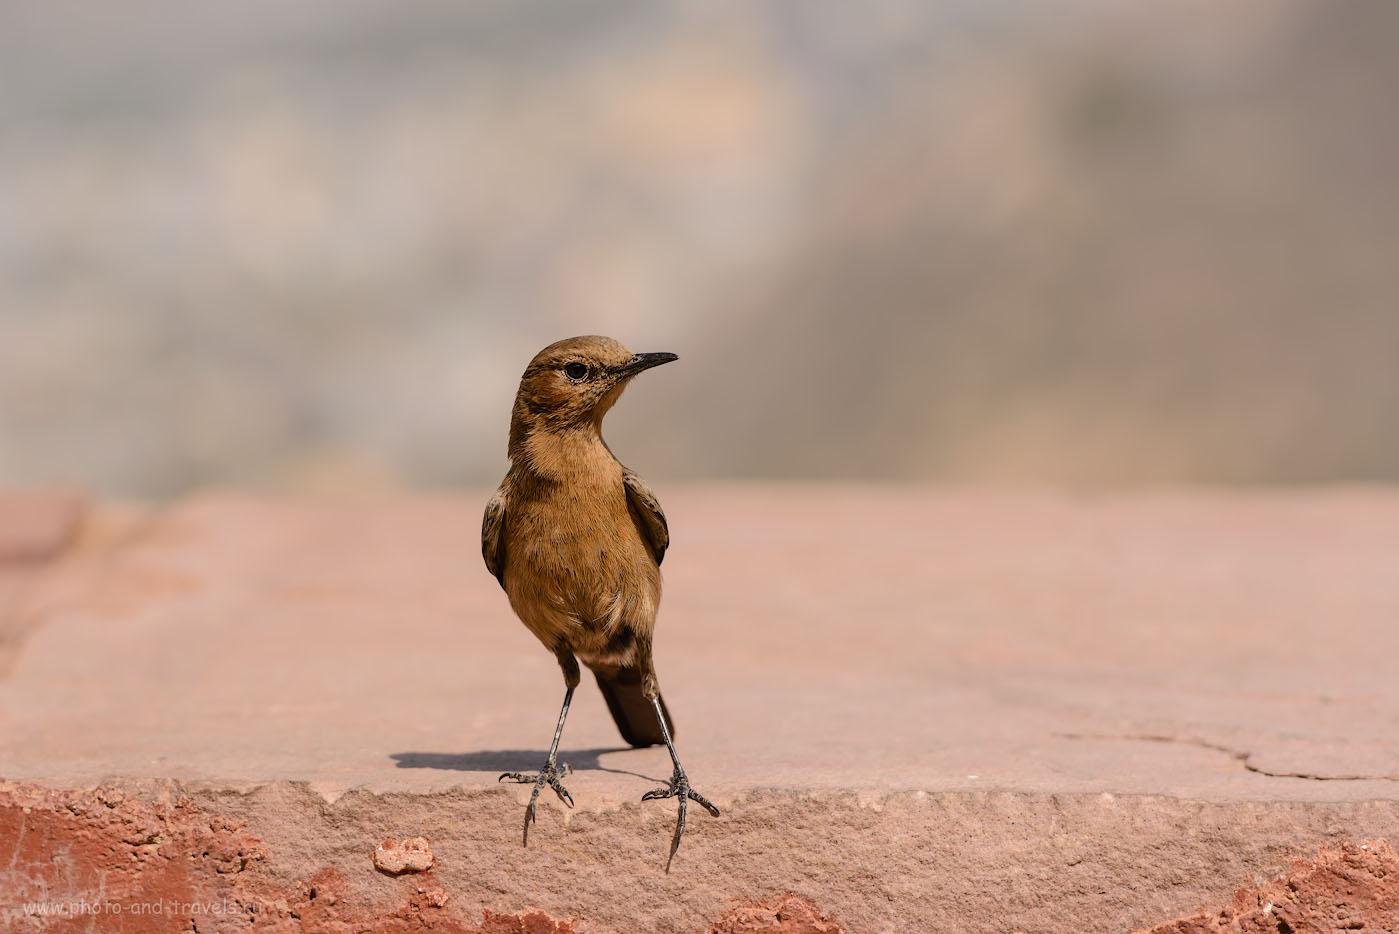 Фотография 27. Птица на крепостной стене между фортами Джайгарх и Амер. Отчеты о поездке в Джайпур самостоятельно. 1/400, 7.1, 100, 200.